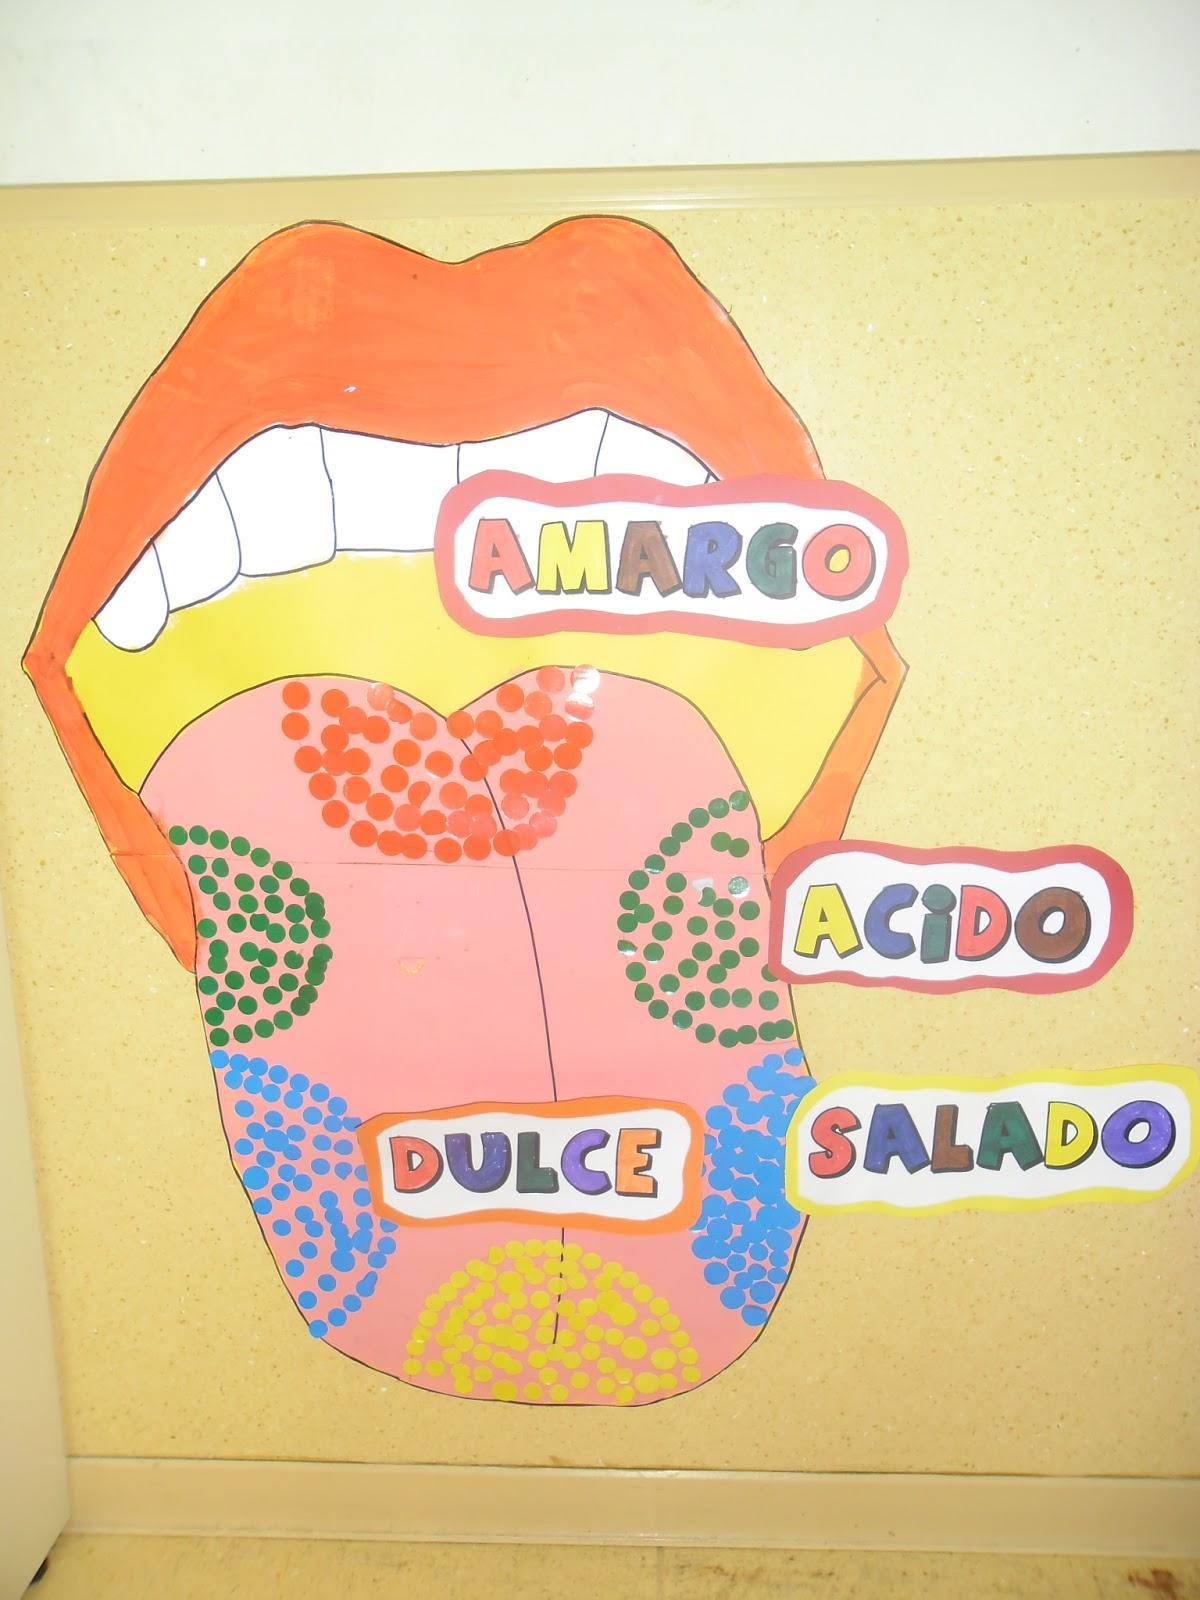 Recursos de educaci n infantil enero 2013 for Mural de los 5 sentidos